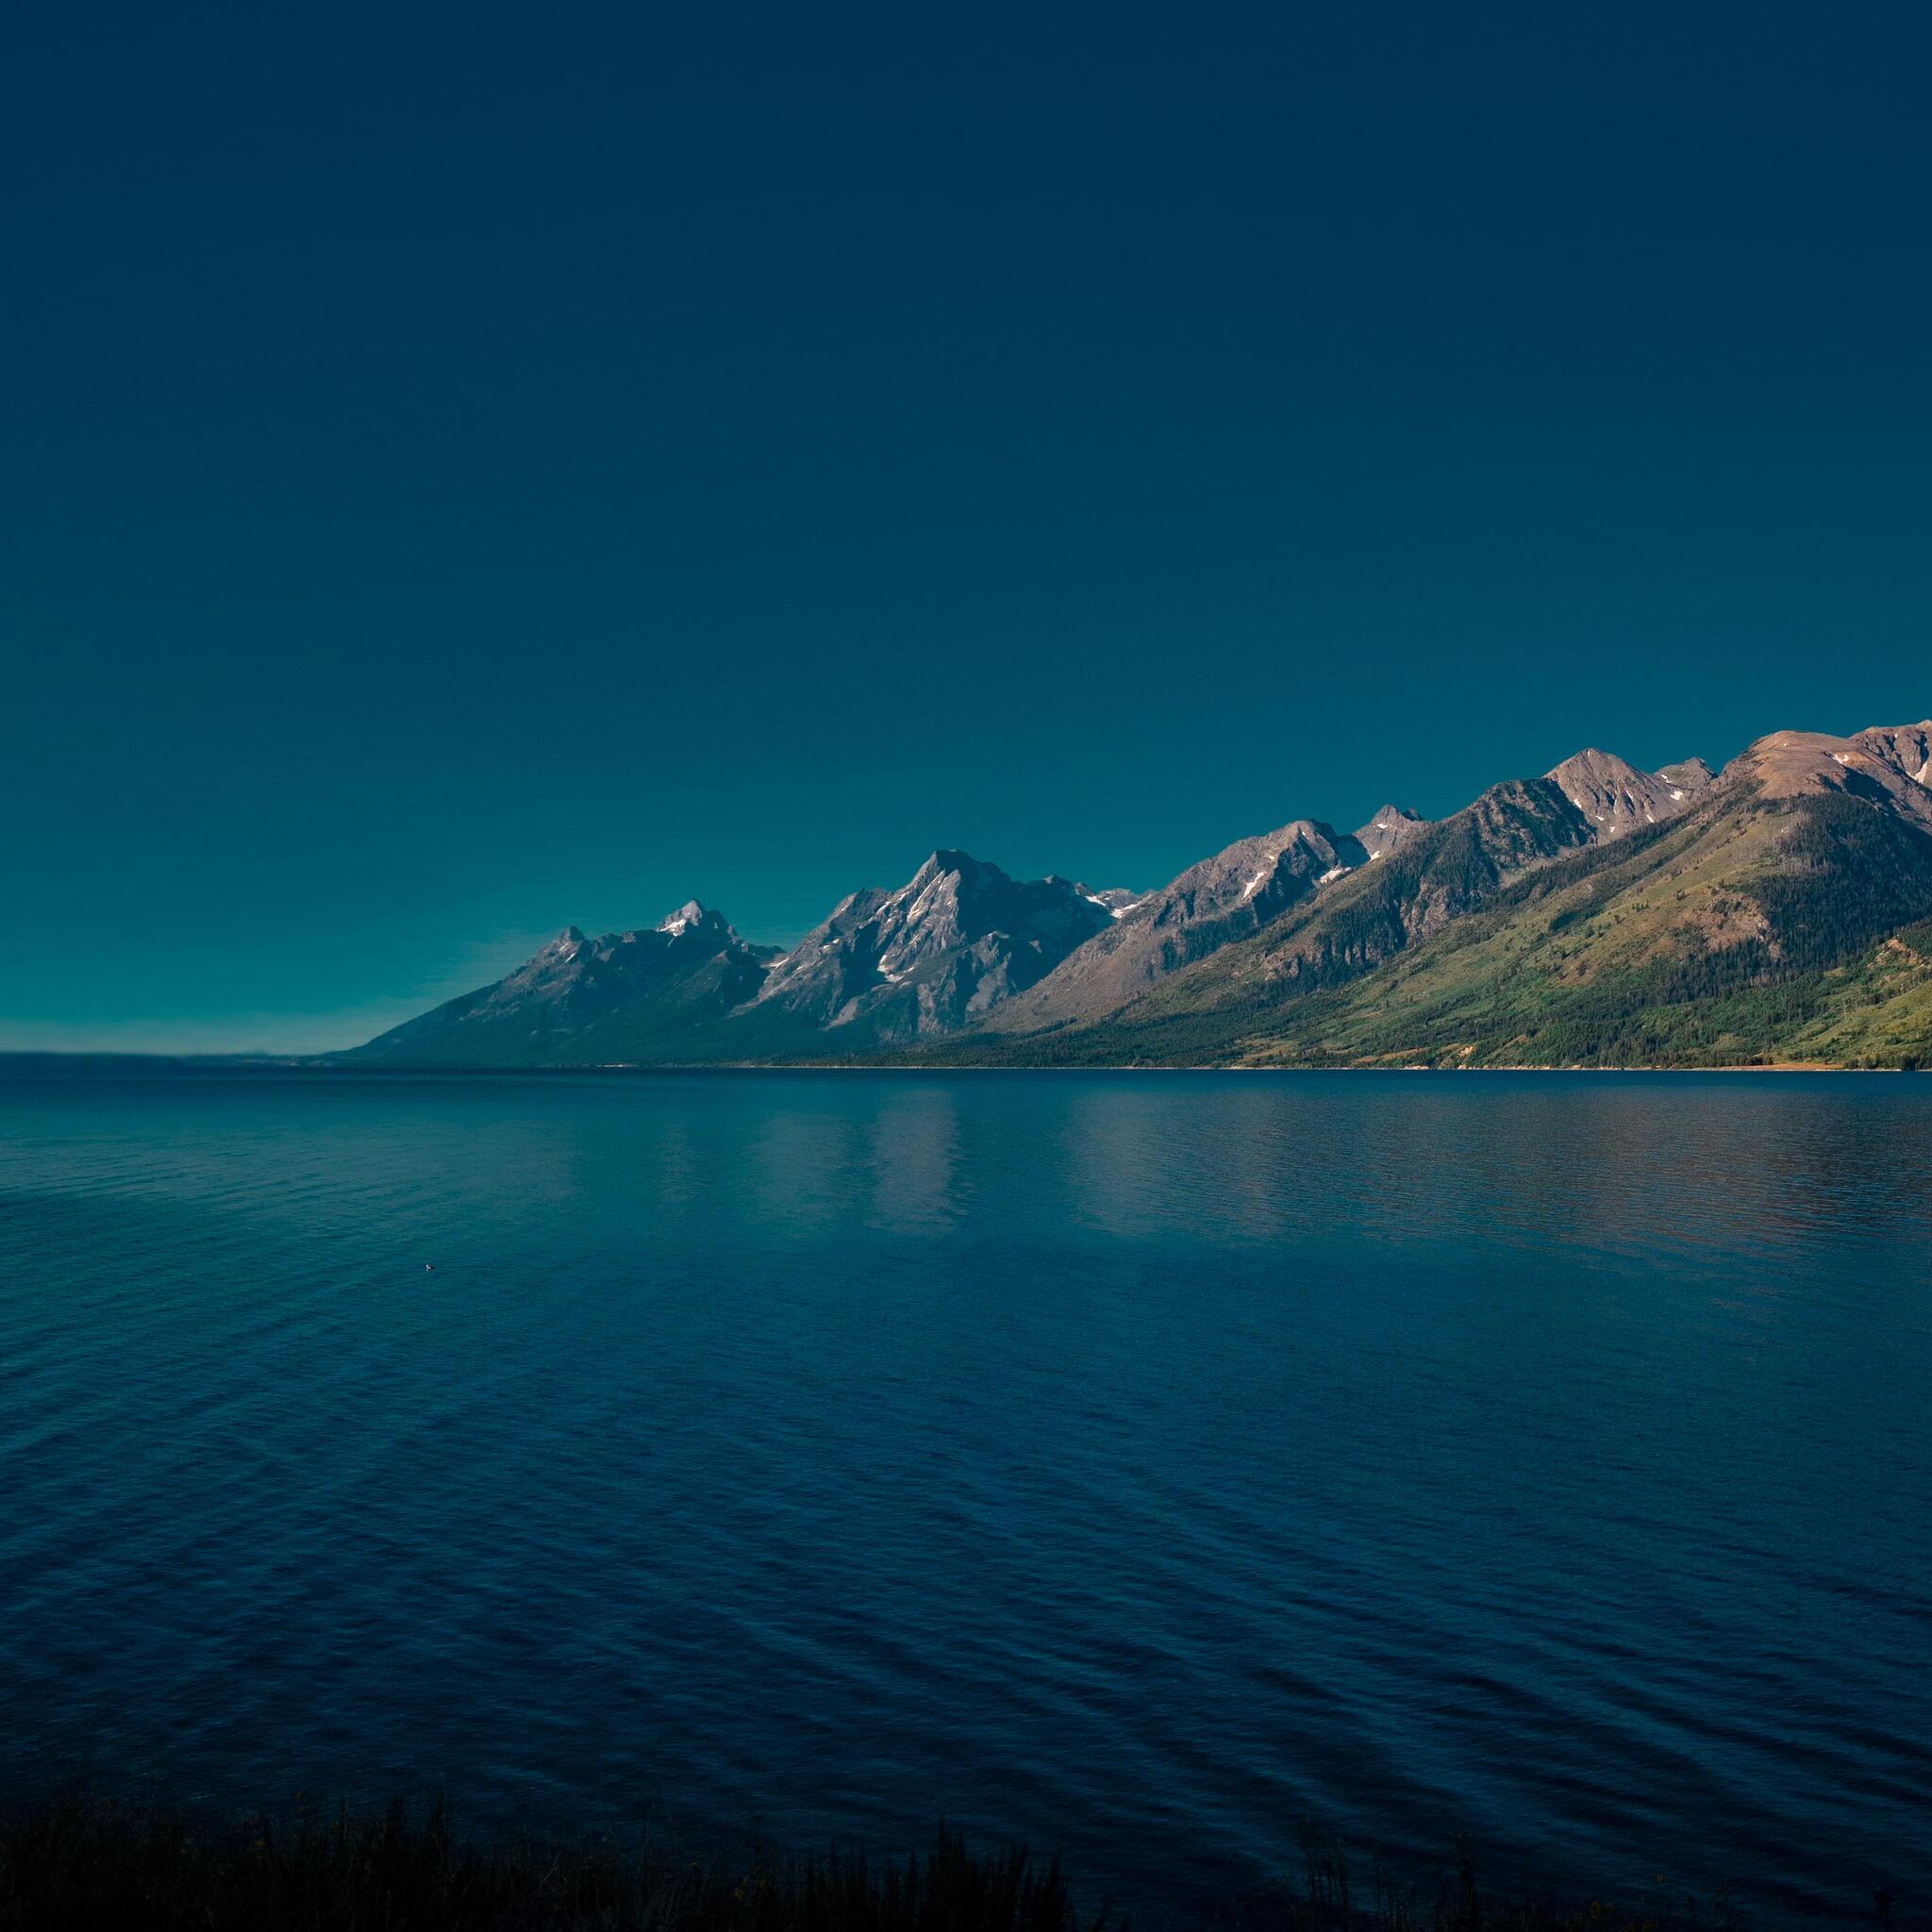 jackson-lake-in-wyoming-5k-8b.jpg